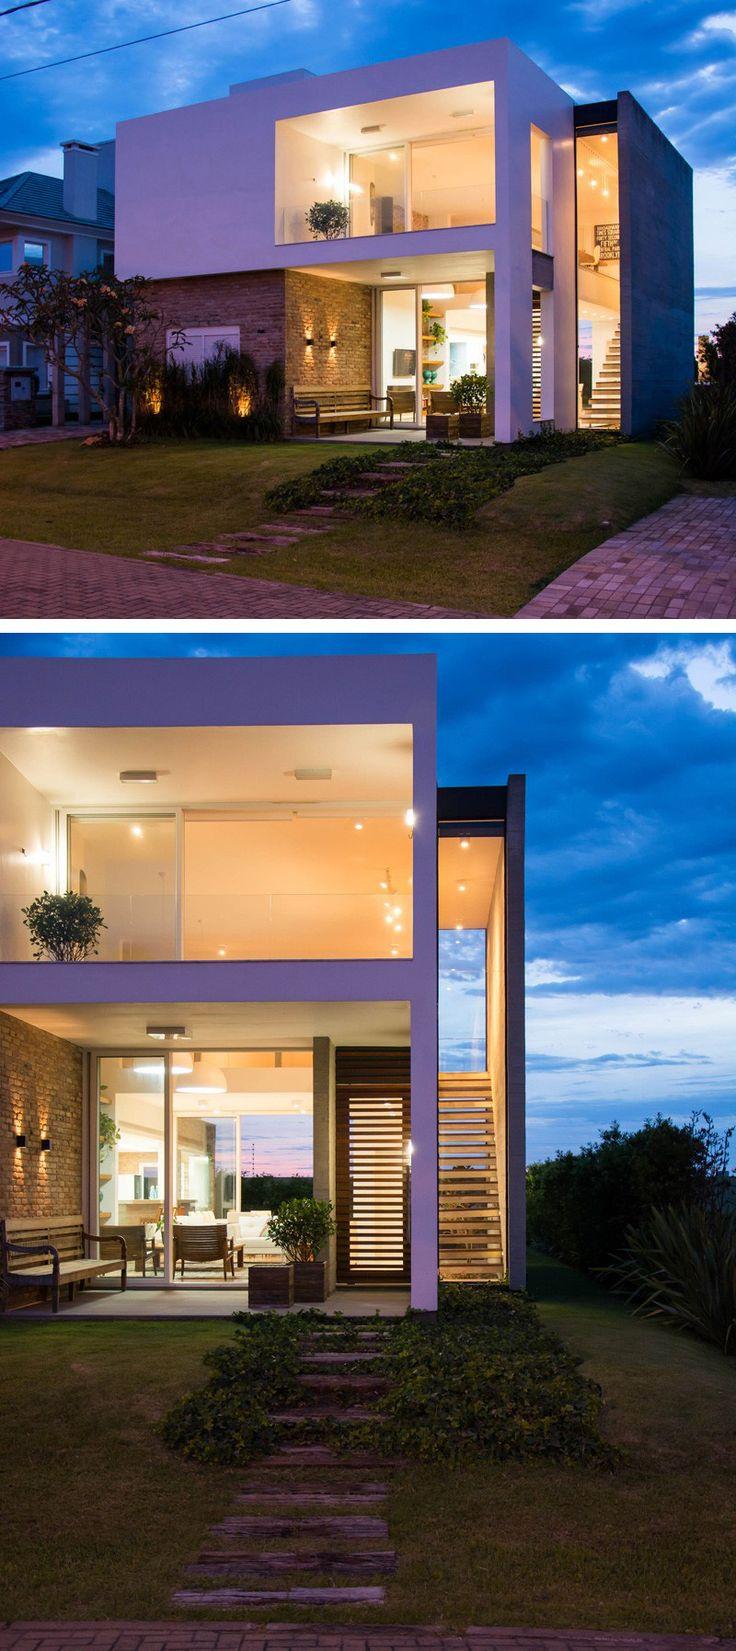 ESTUDIO 30 51 have designed Casa Ventura